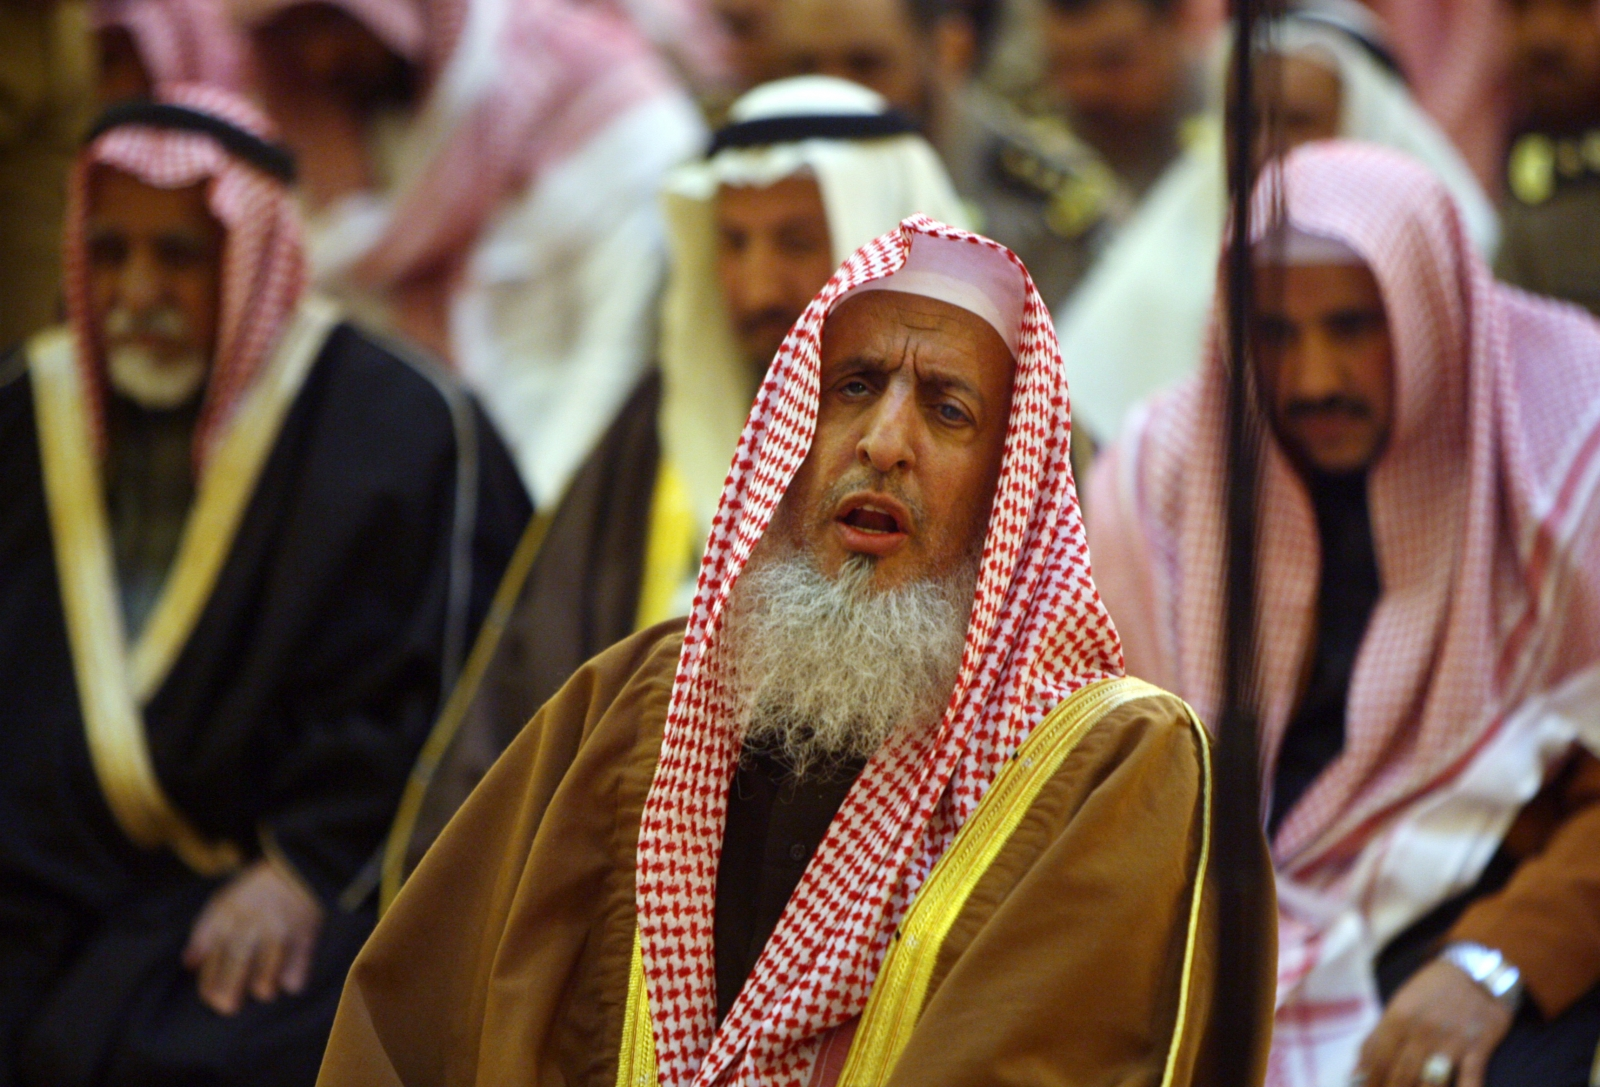 Abdul Aziz al-Sheikh